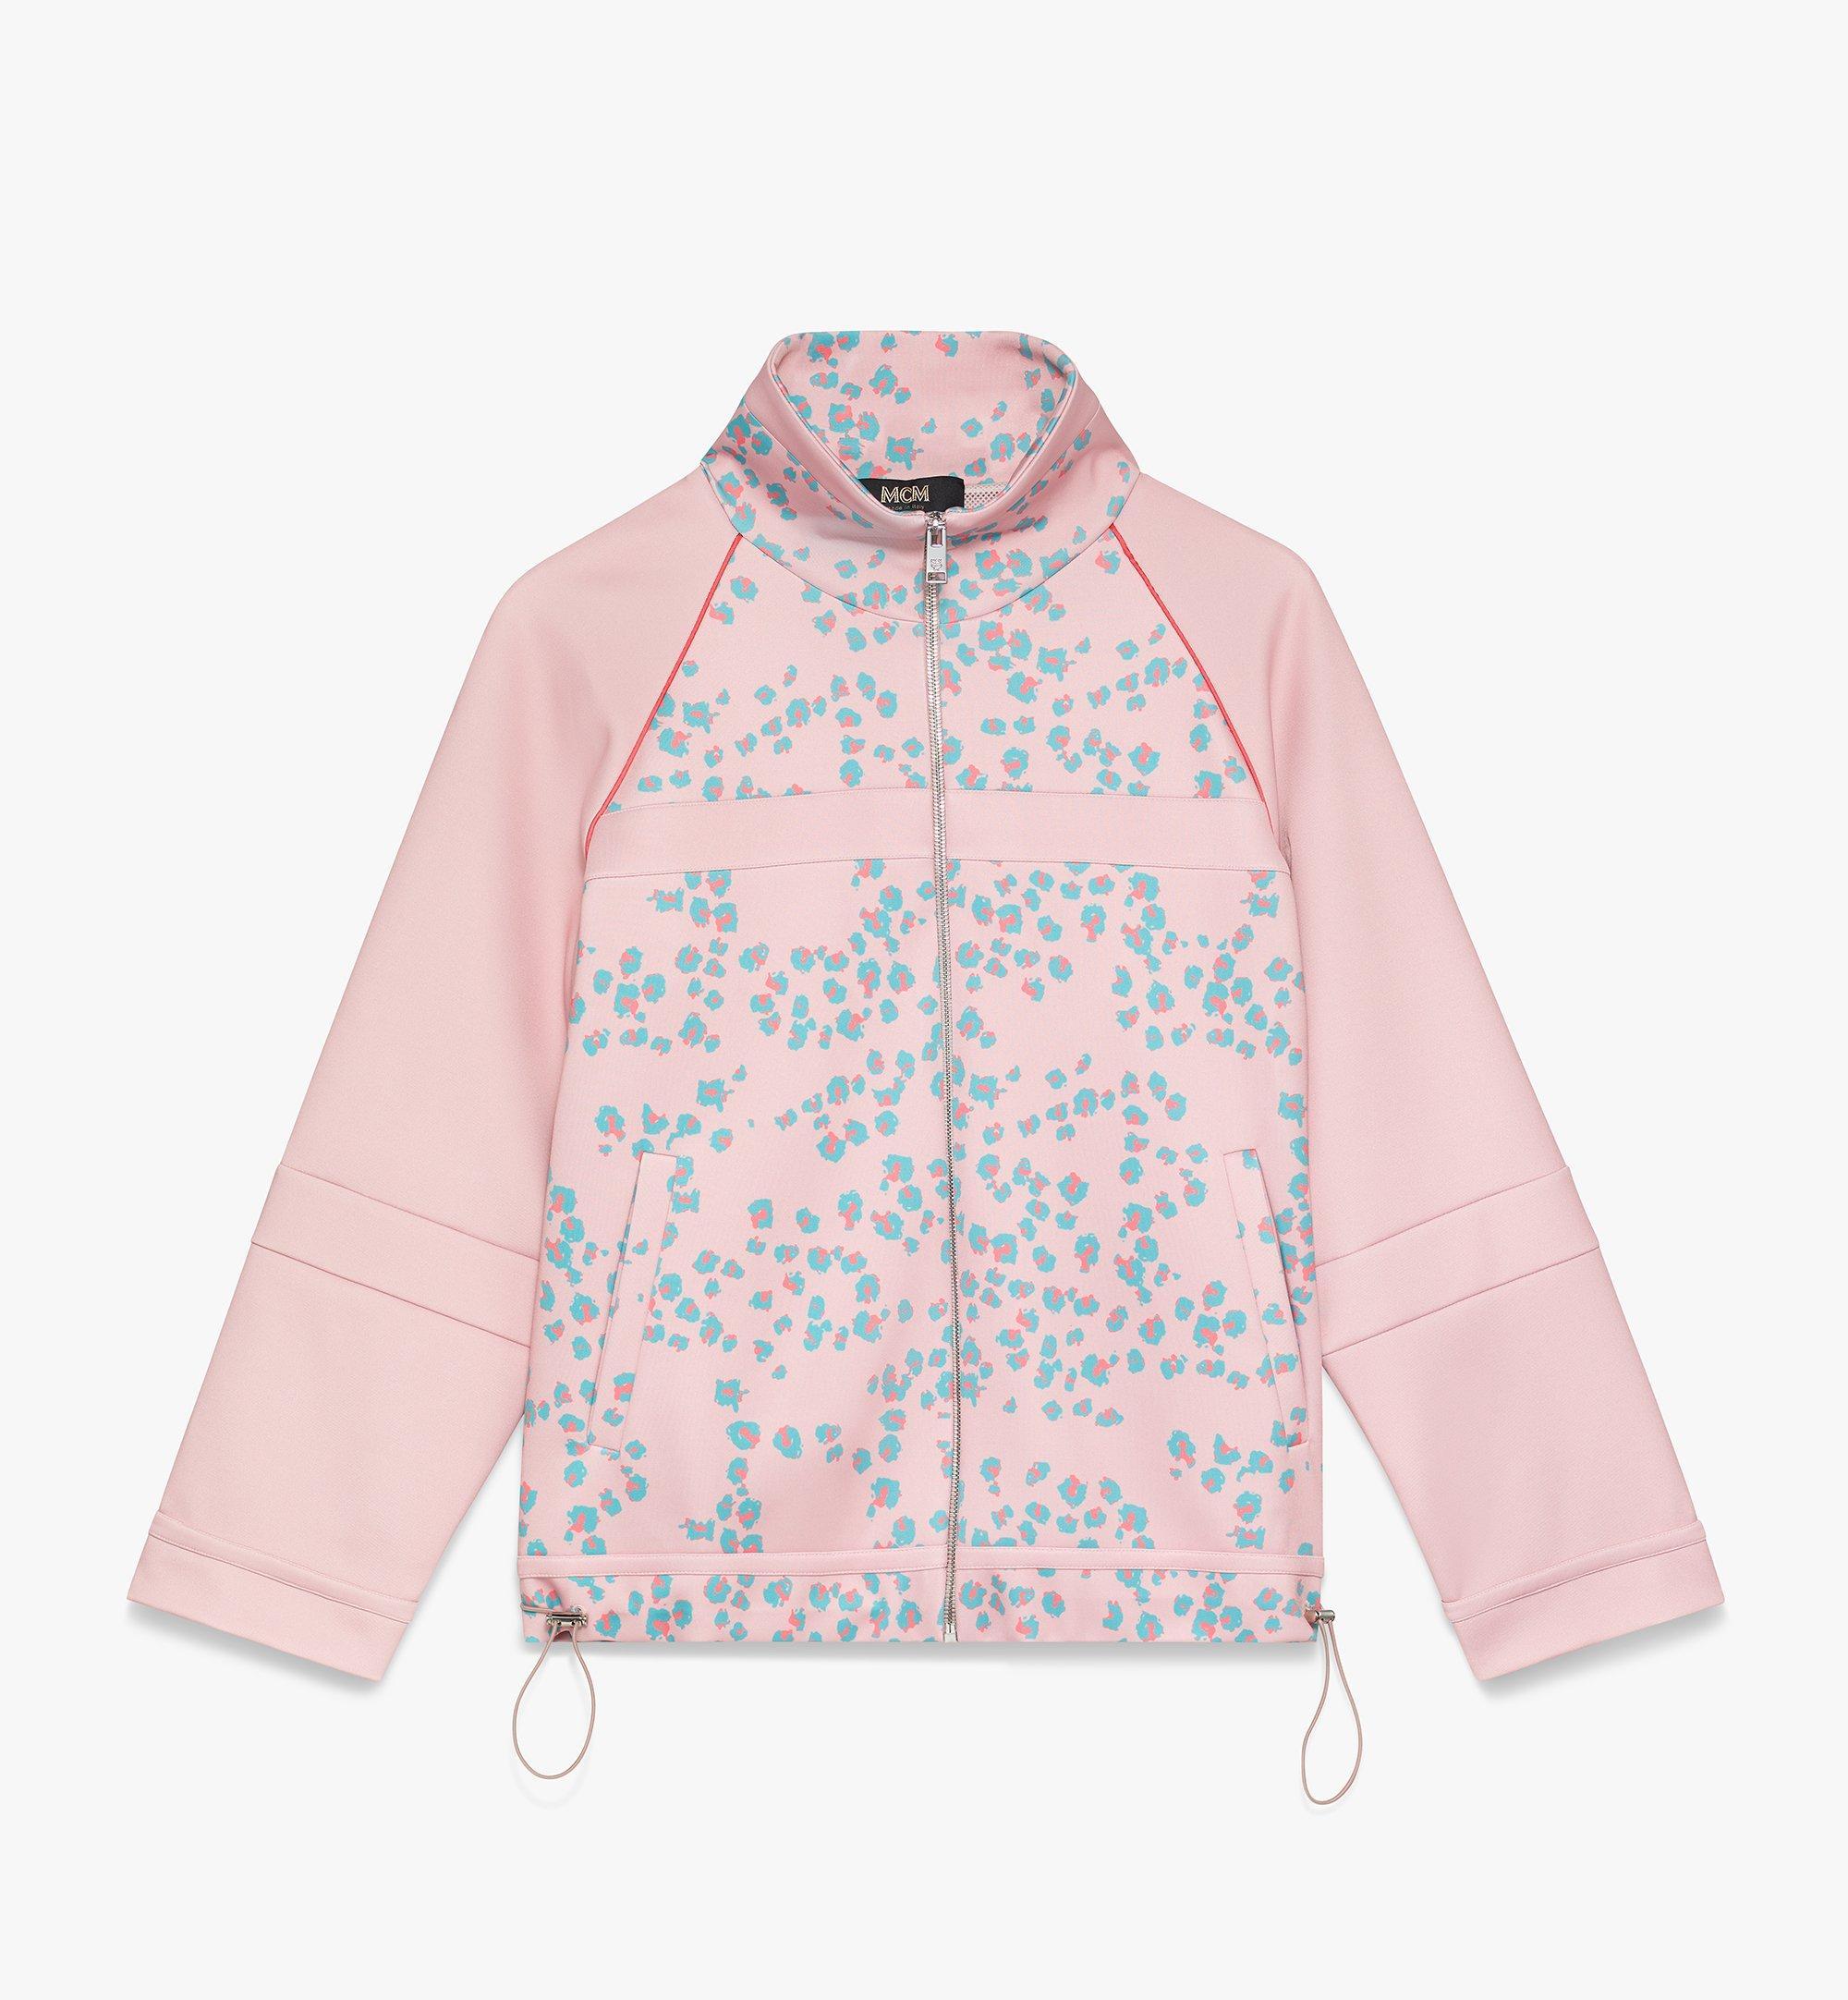 MCM Women's Floral Leopard Print Track Jacket Pink MFJASSE01QI00L Alternate View 1